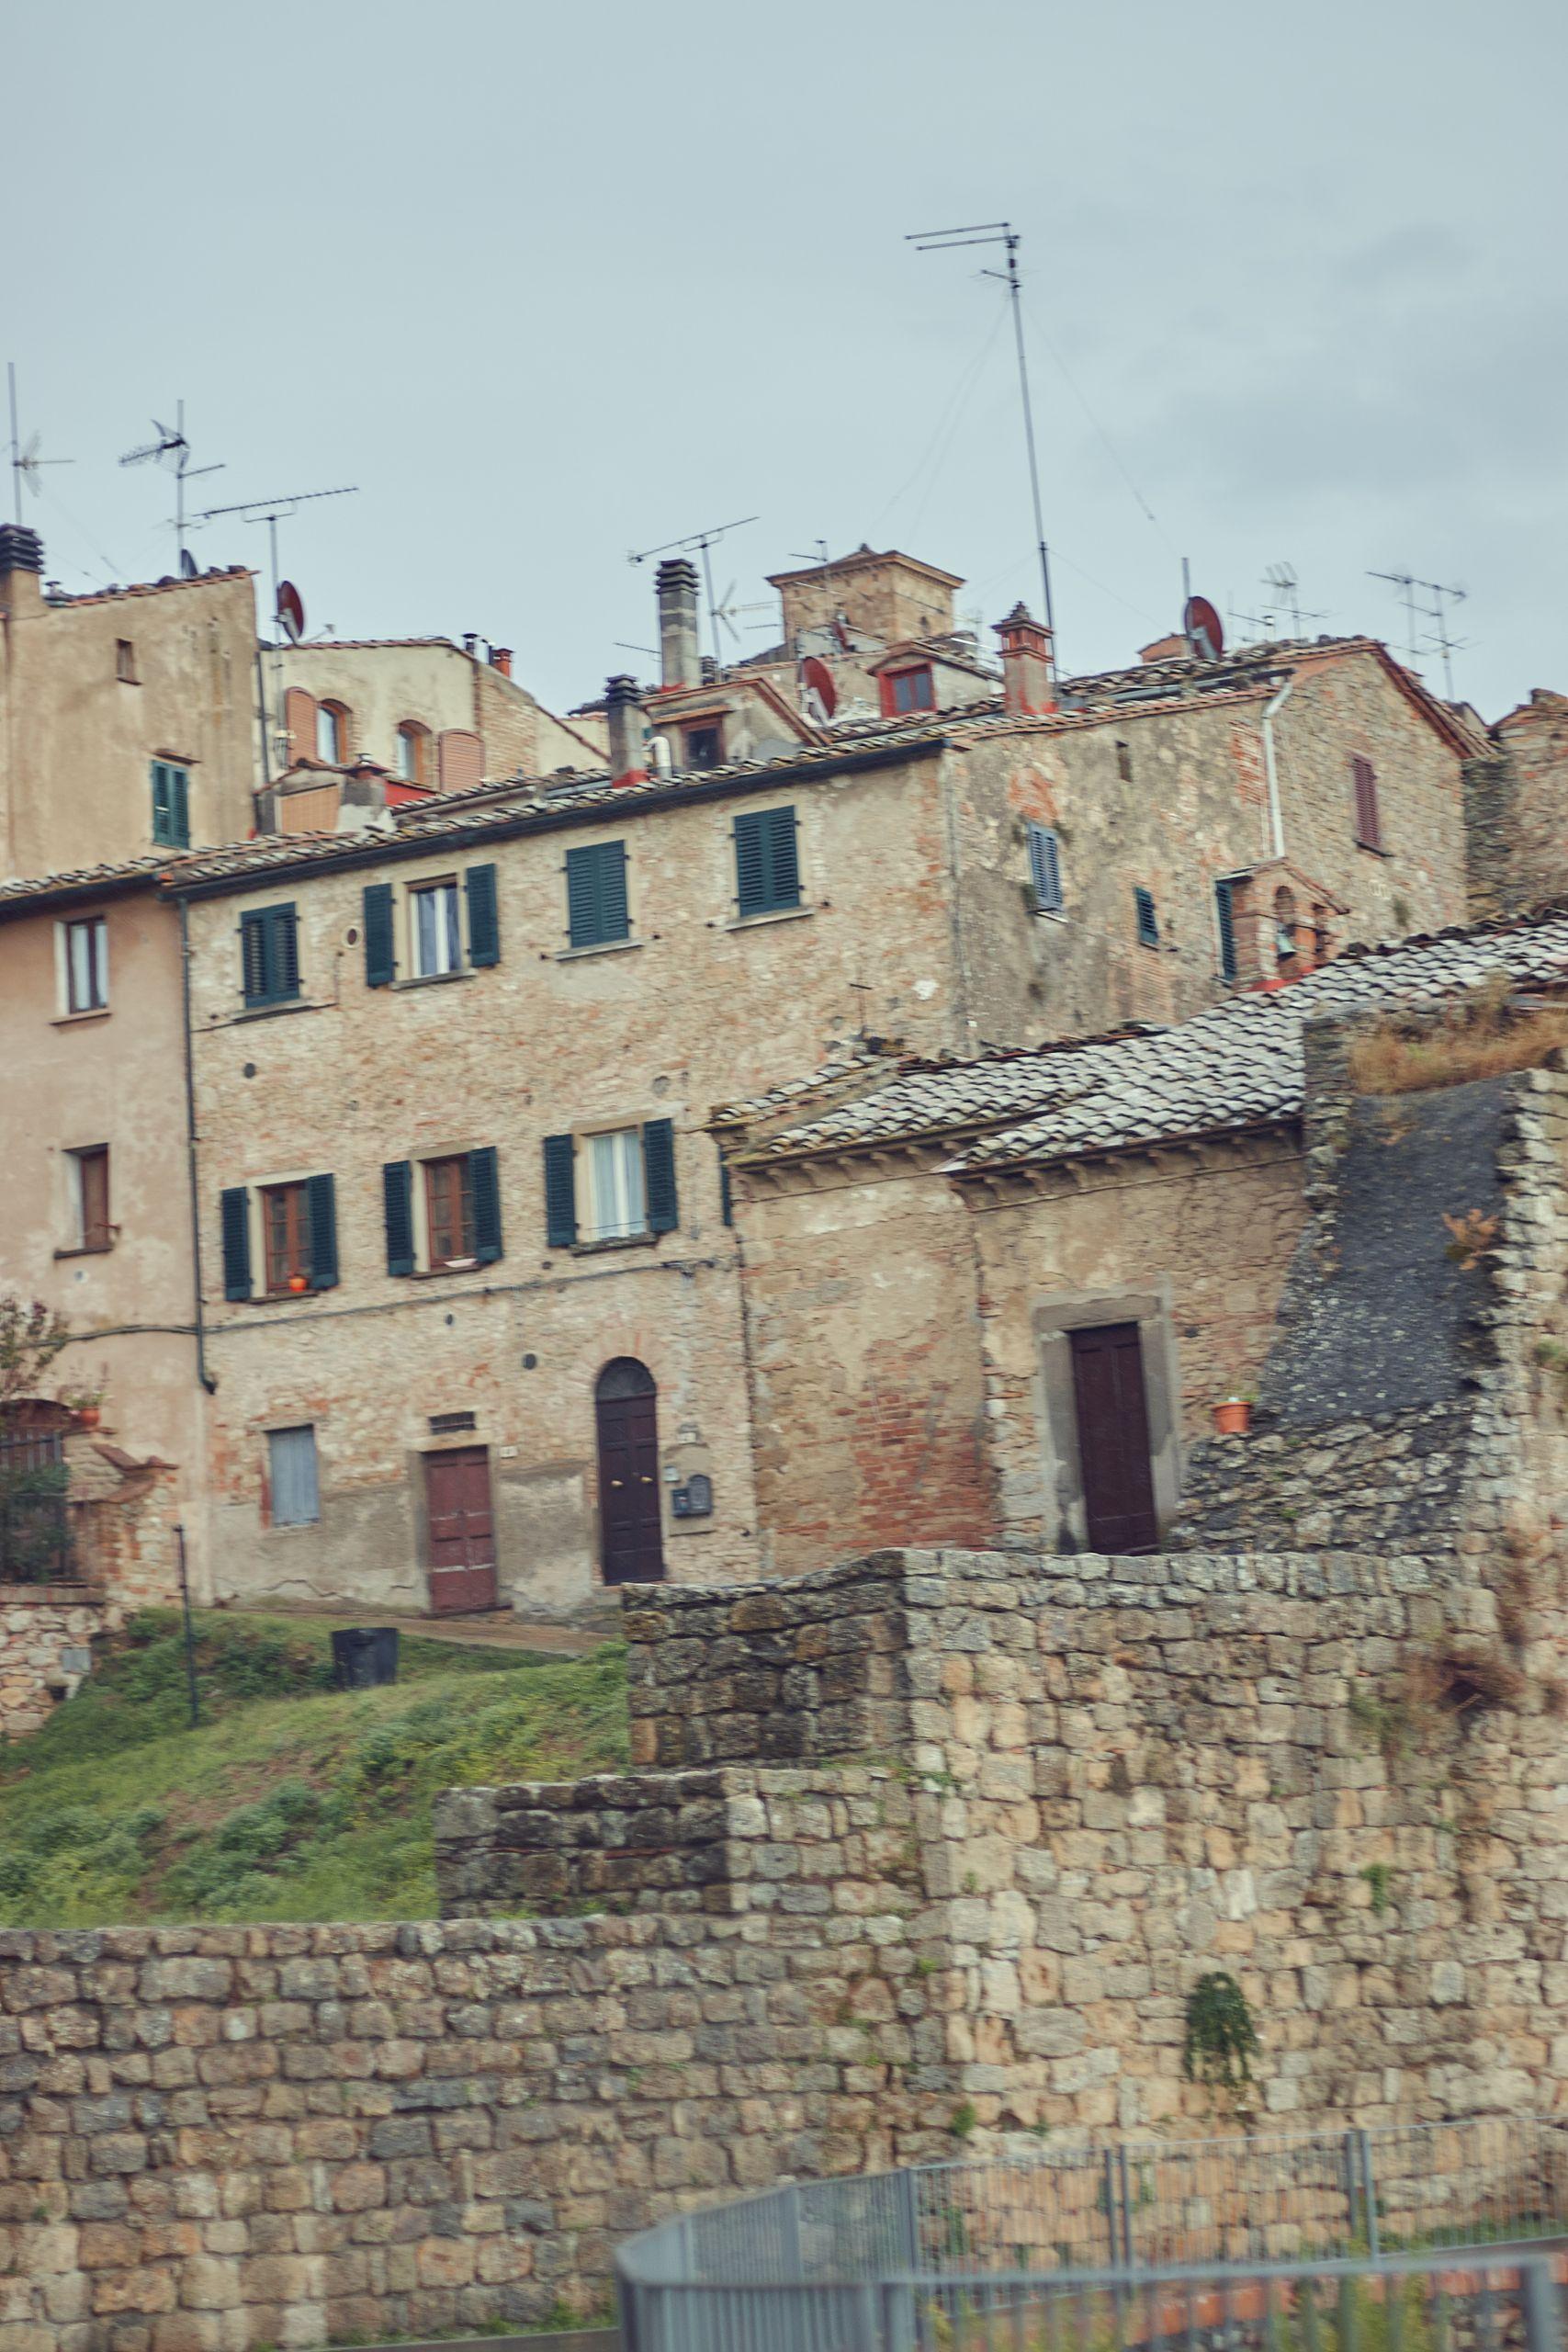 Die mittelalterliche Stadt Volterra als Stopp vom Toskana Roadtrip